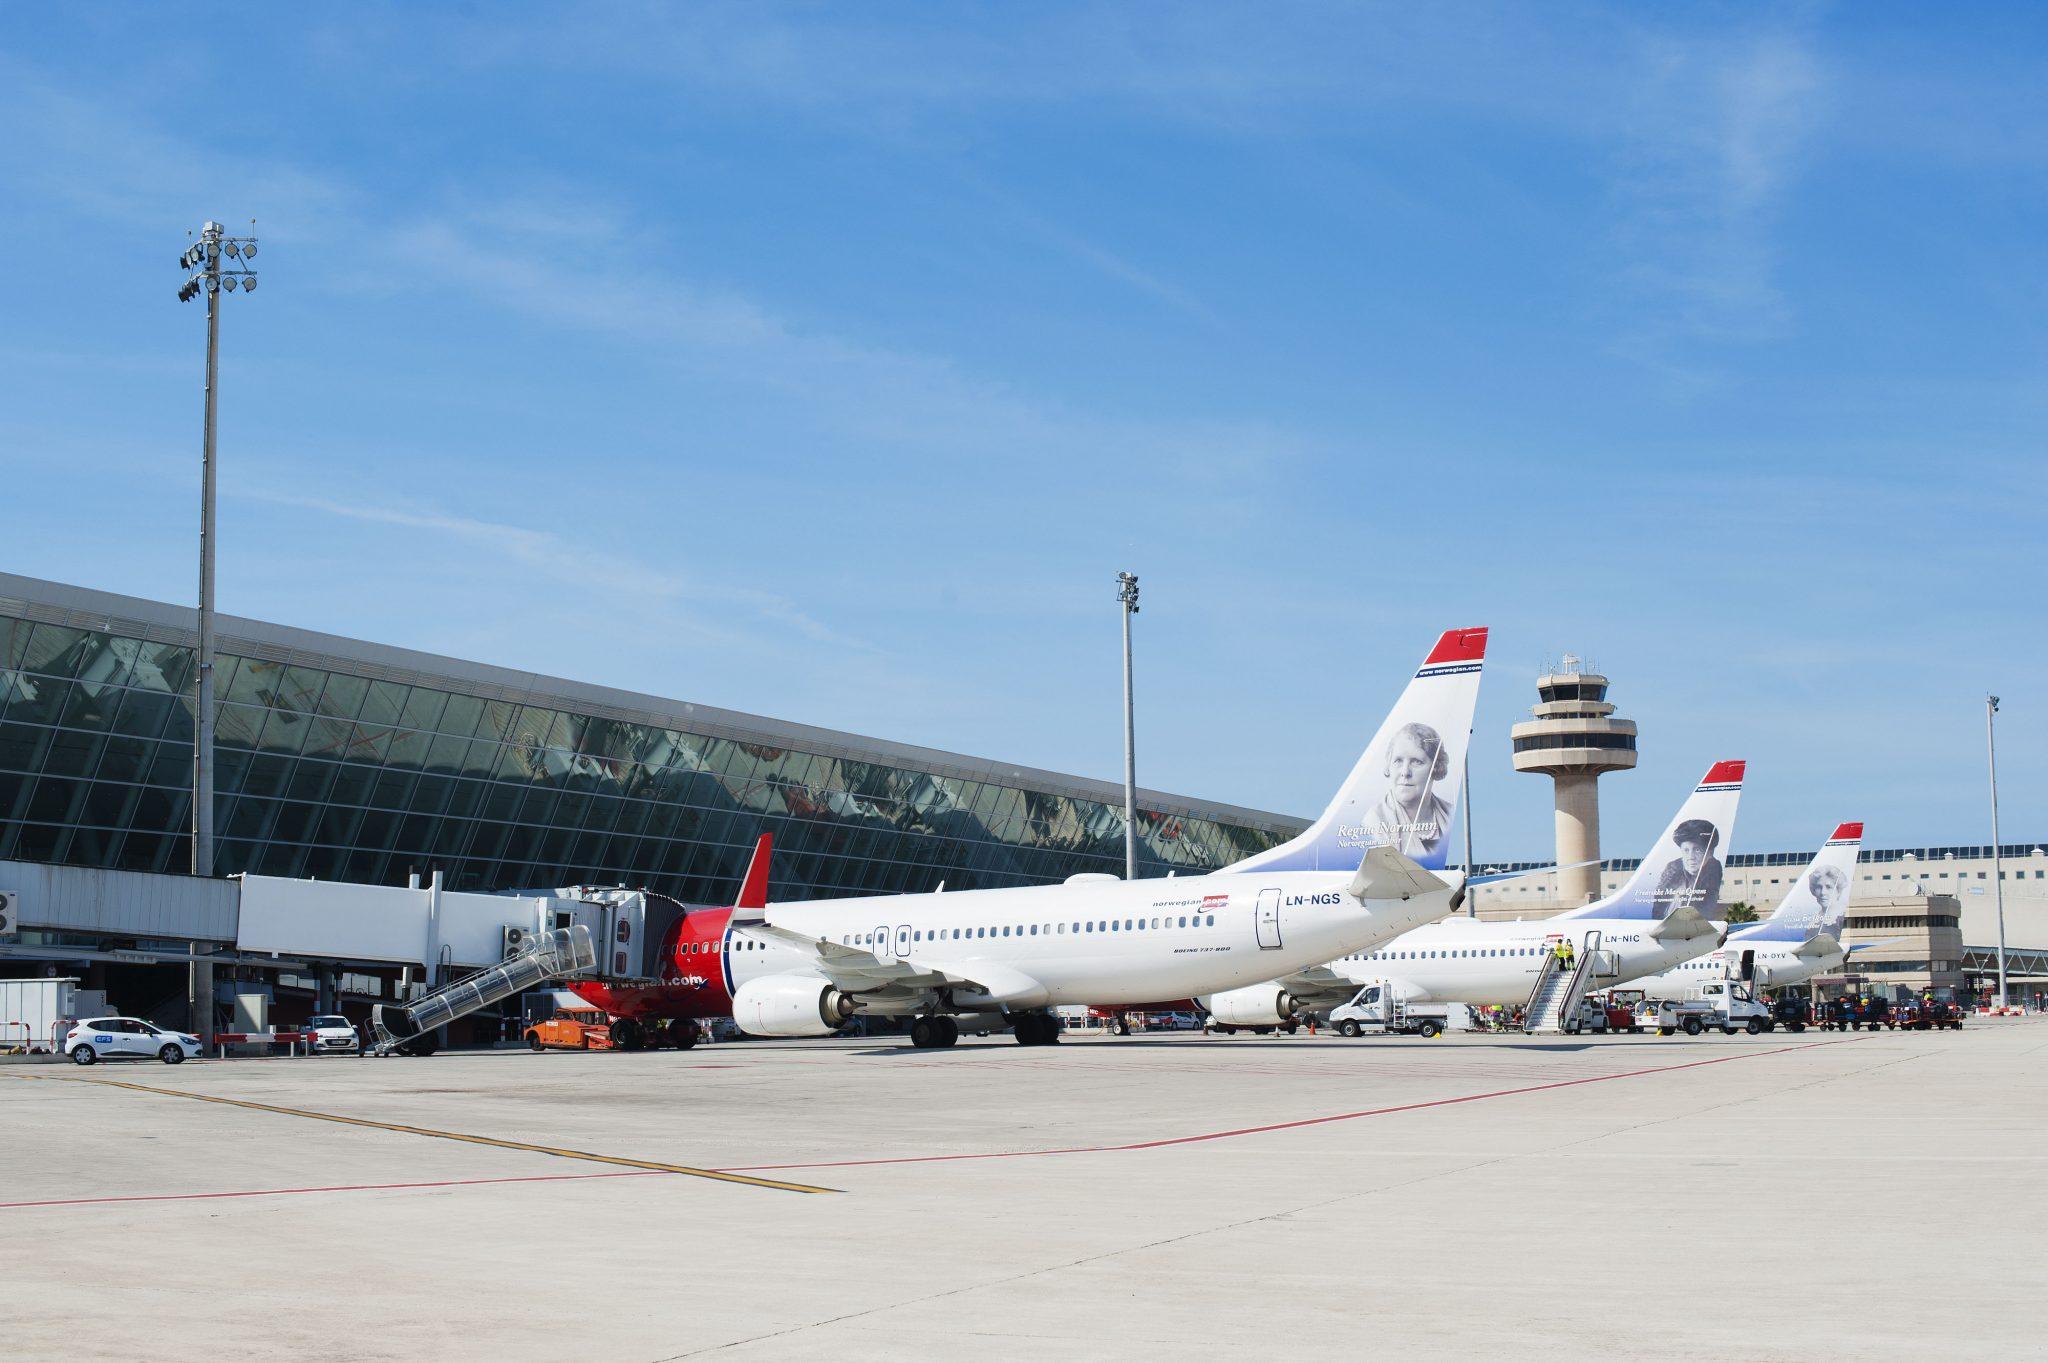 España: El aeropuerto de Palma sigue creciendo en vuelos